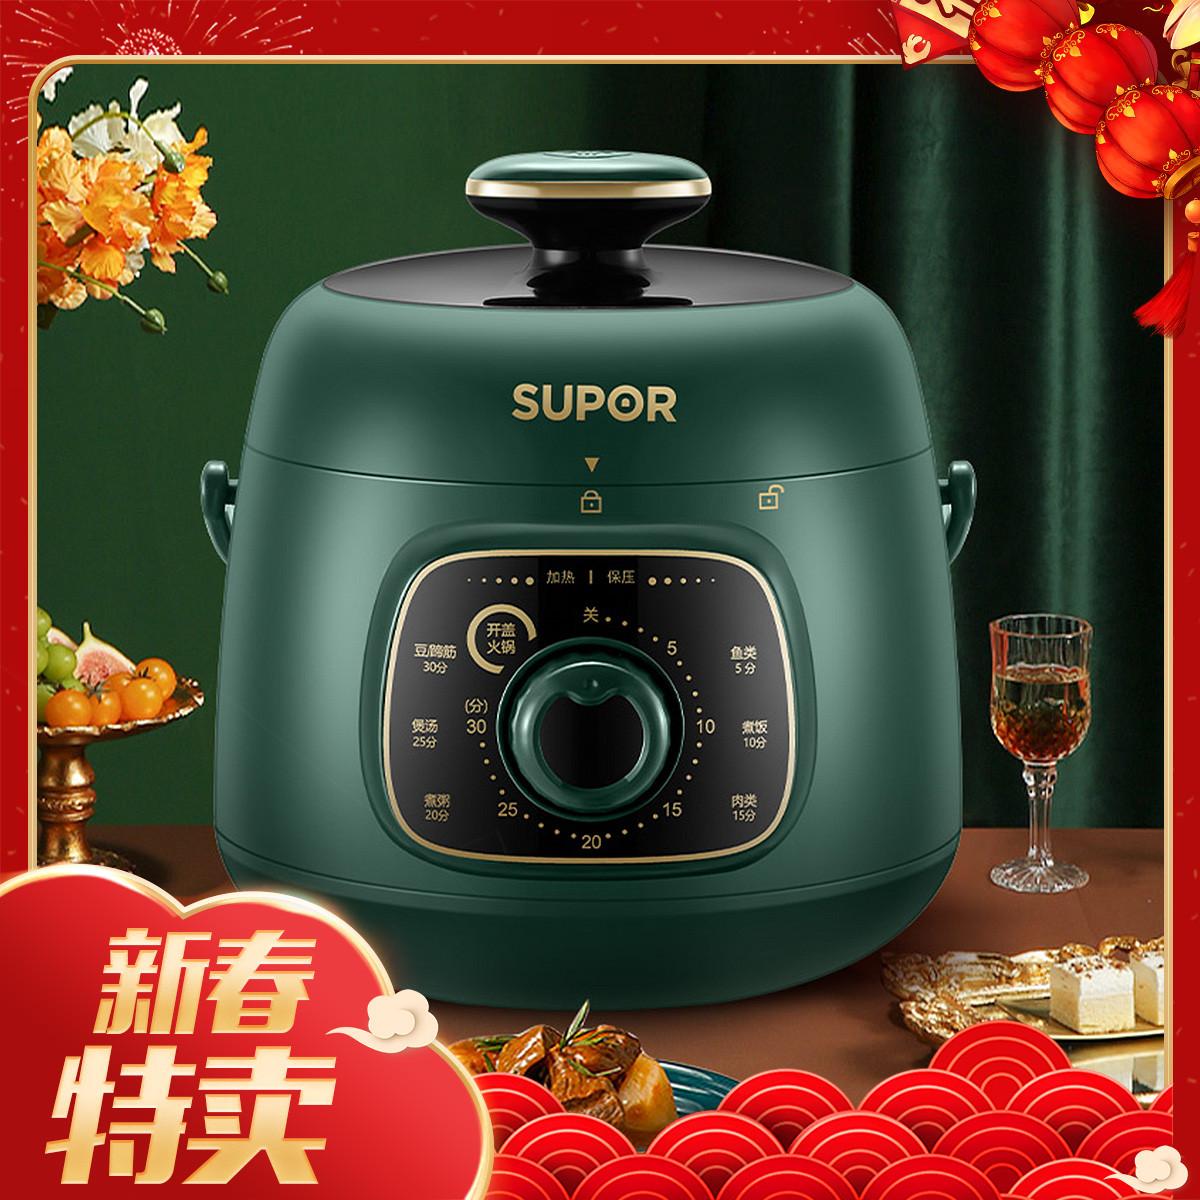 新年礼物 1.8L小型家用智能多功能火锅高压锅电压力锅18YA9061